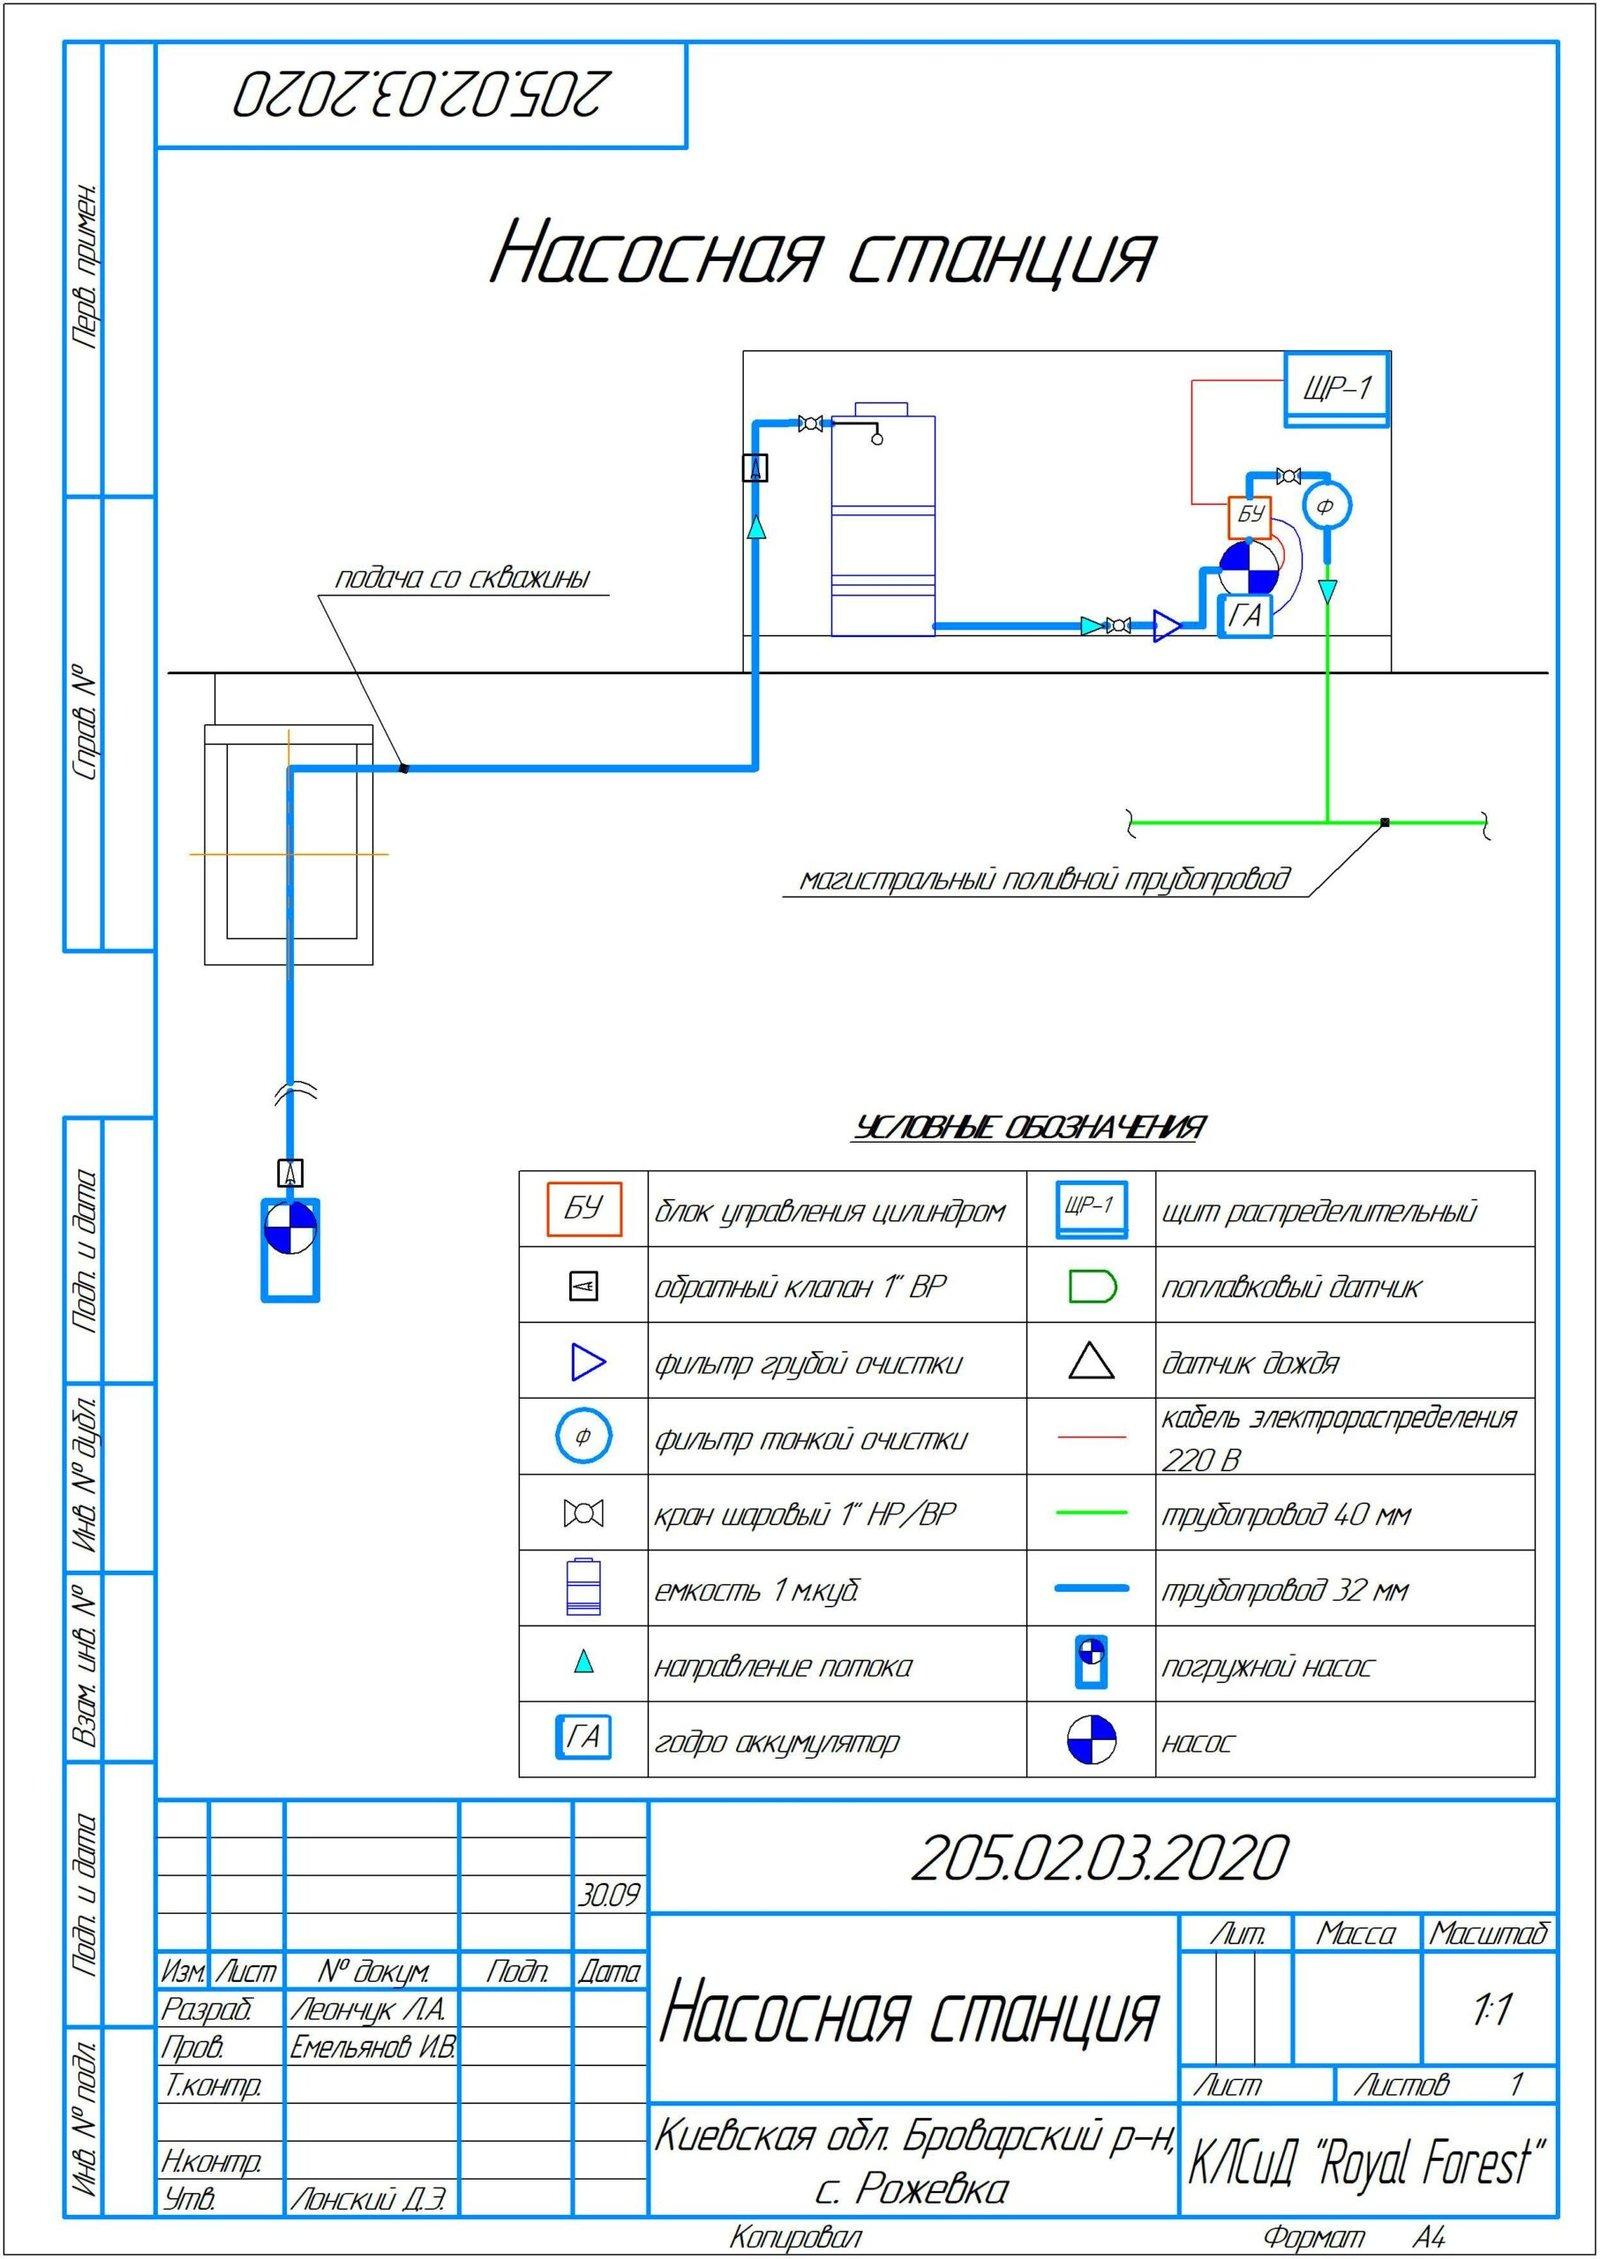 Проект насосной станции автоматического полива, проект насосной станции системы автоматического полива, проект насосной станции полив